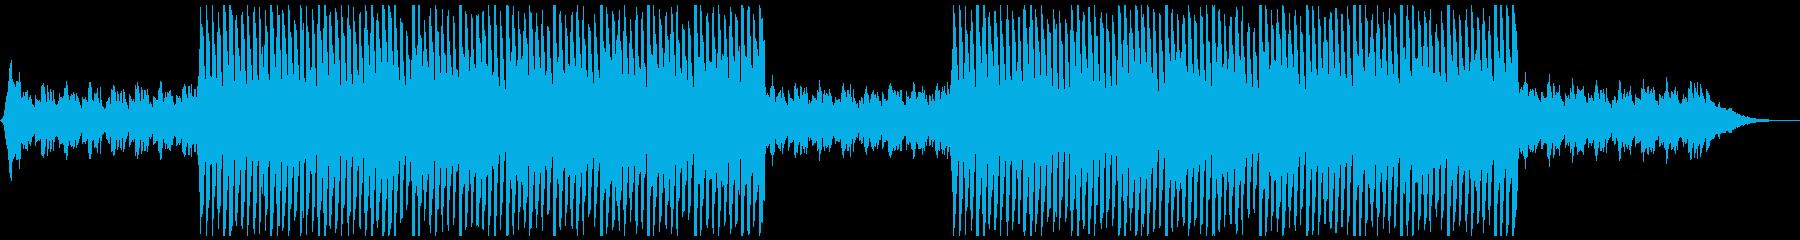 切ない雰囲気のピアノのダンスポップの再生済みの波形